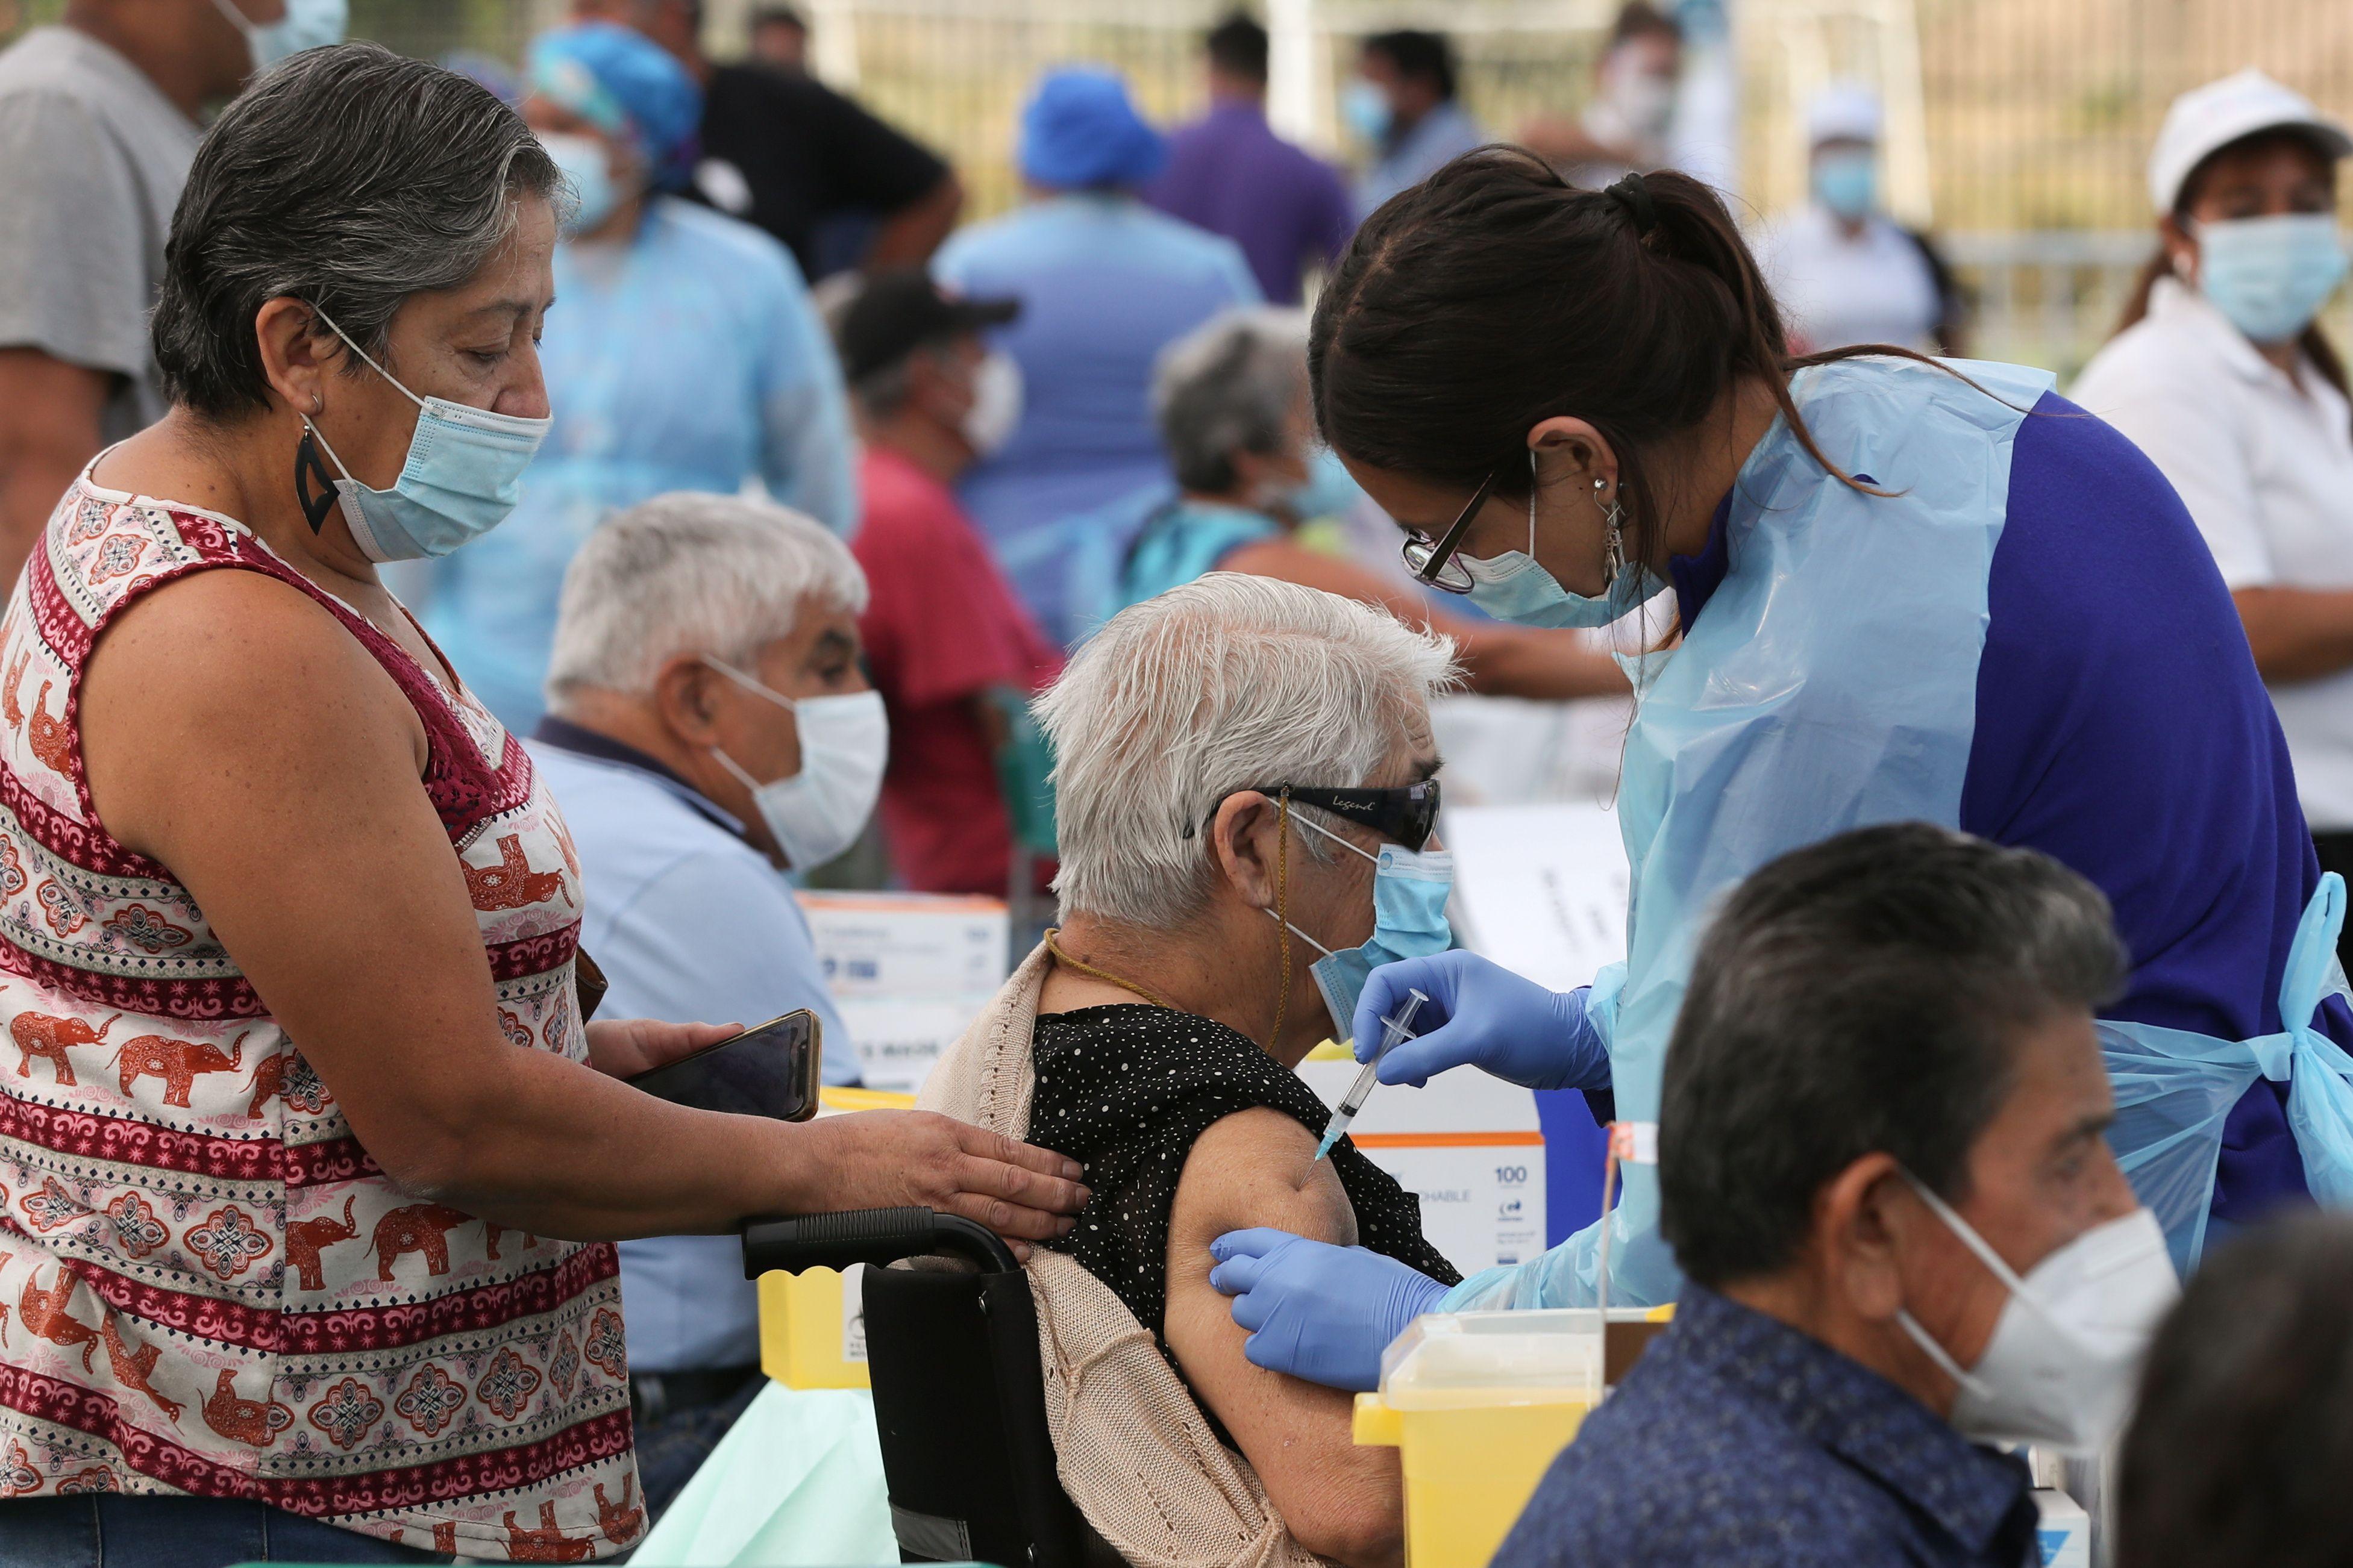 La inoculación es gratuita y voluntaria (REUTERS/Iván Alvarado)